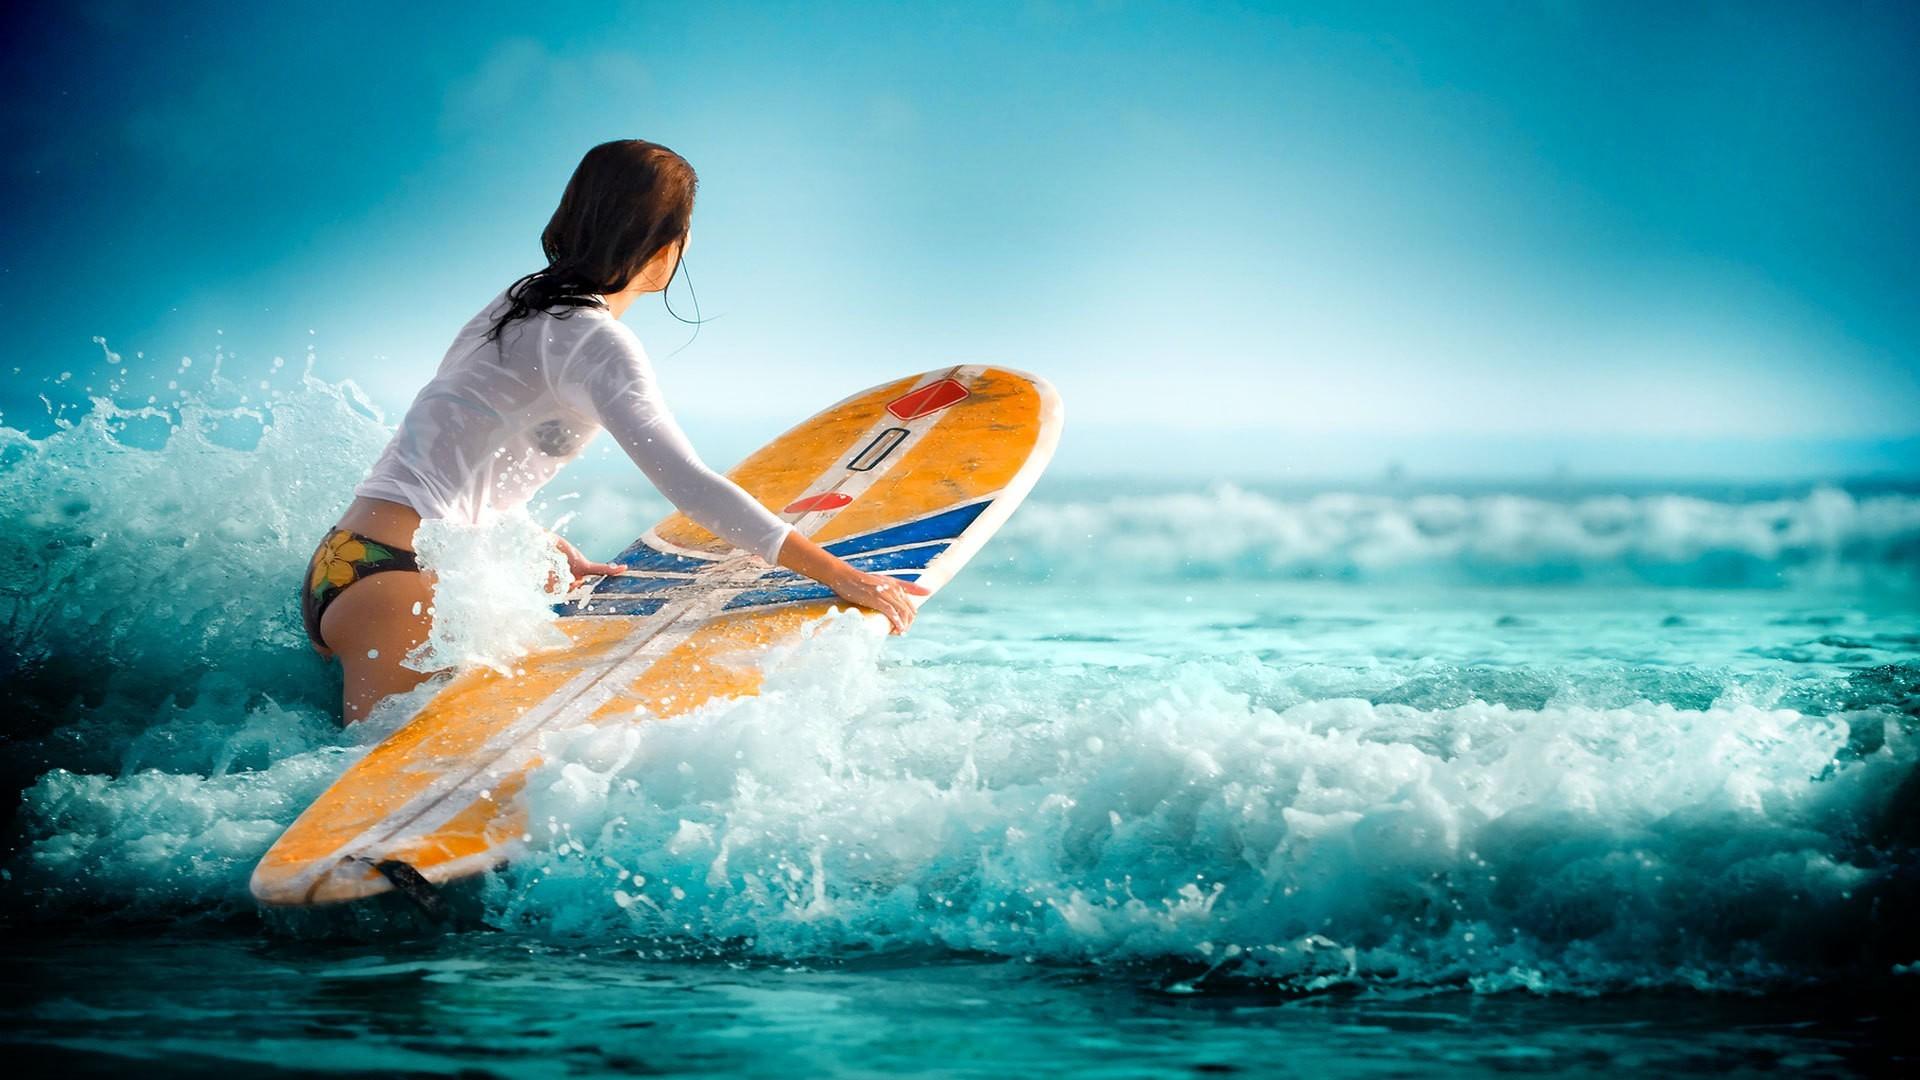 デスクトップ壁紙 女性 ウィンドサーフィン セーリング 海洋